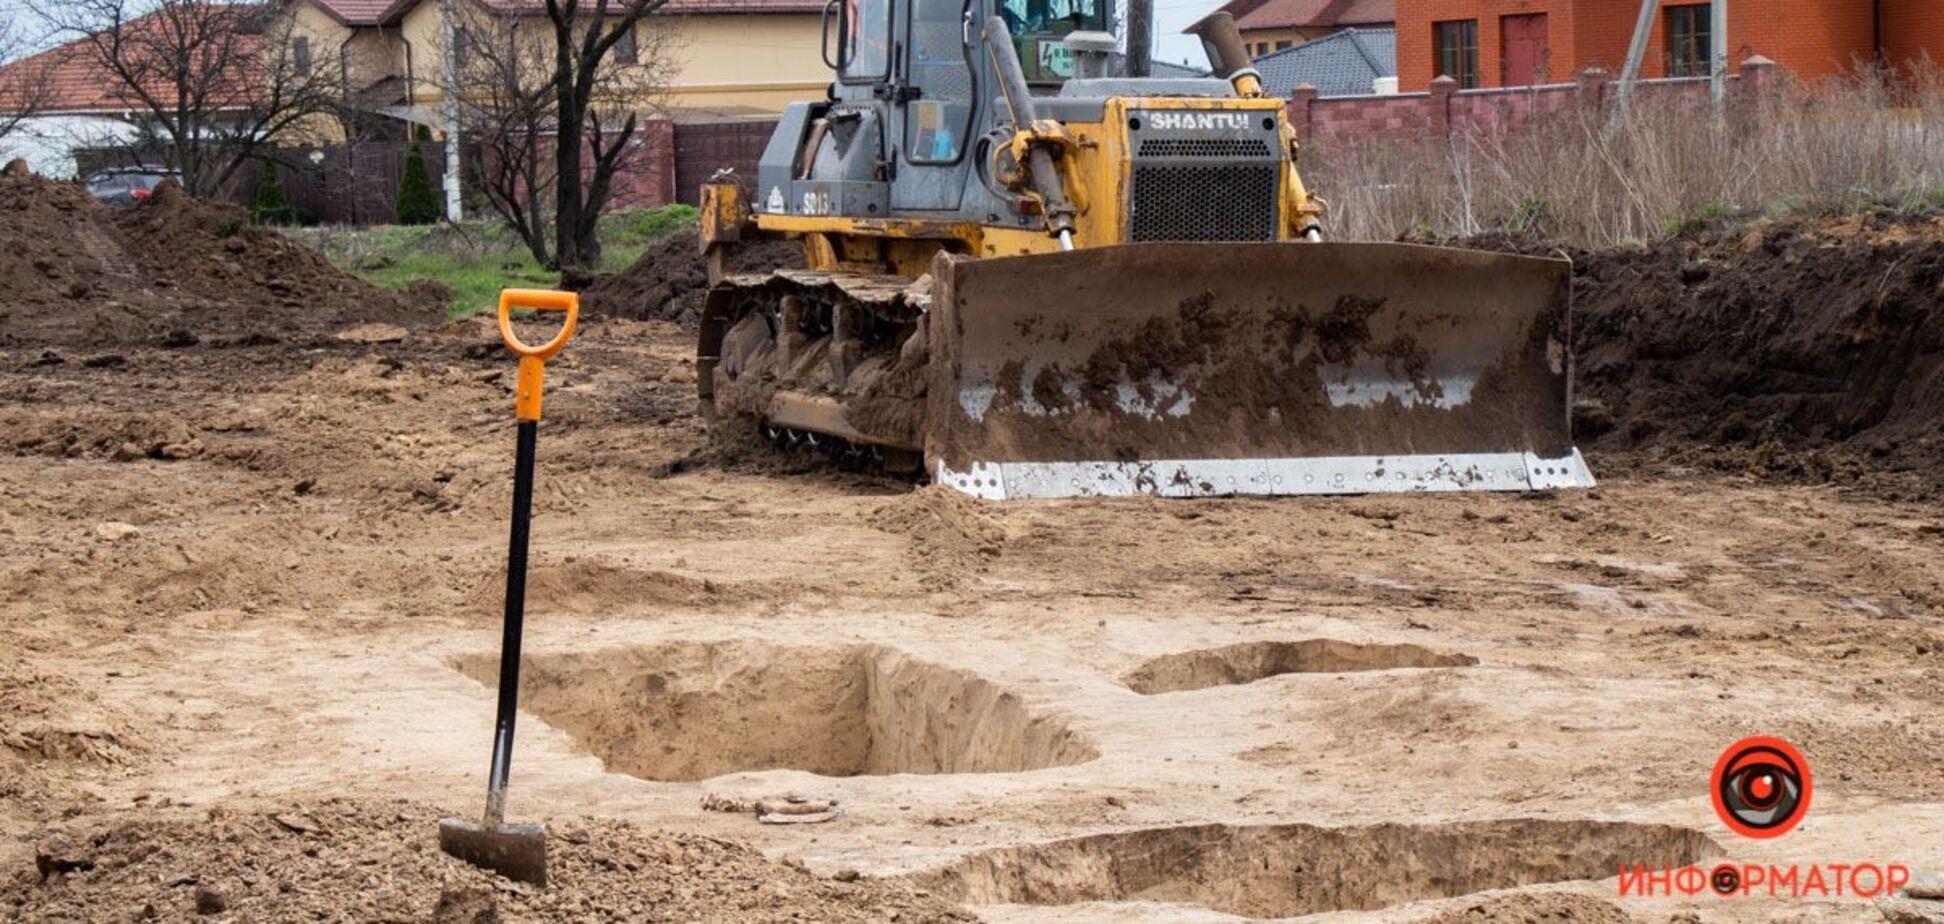 Под Днепром из-за стройки разрушили древний курган: СМИ назвали виновных